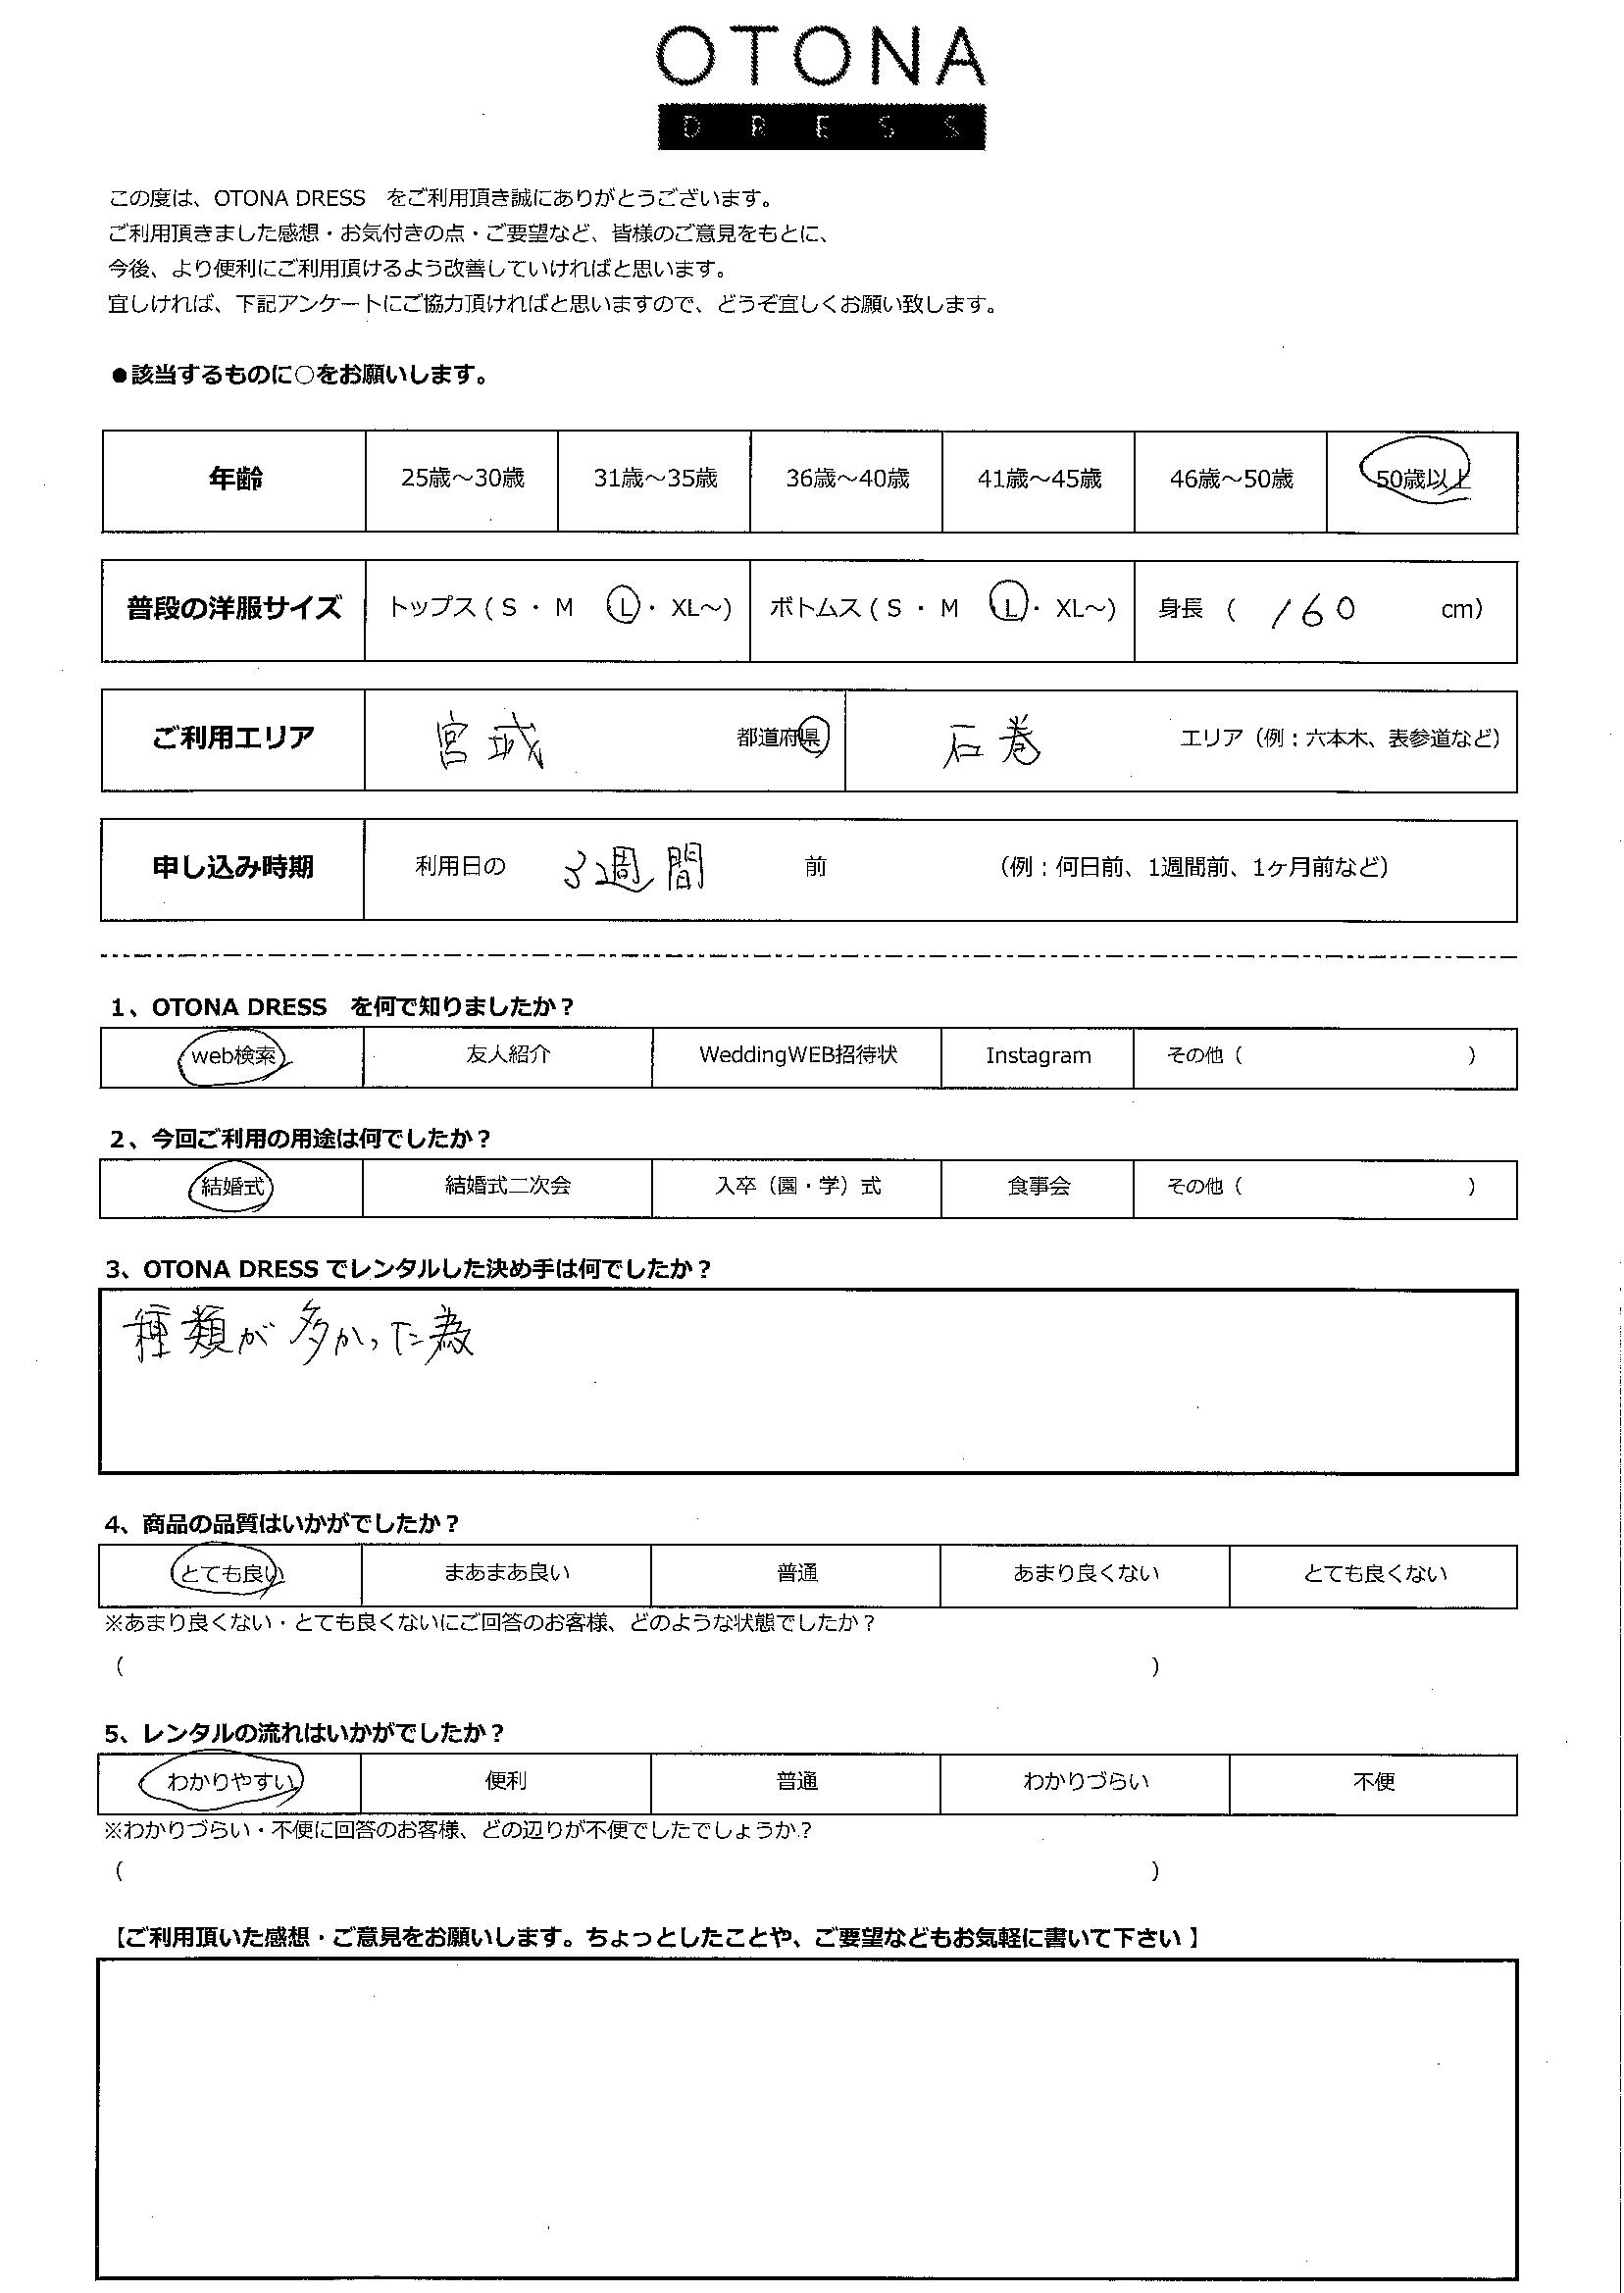 5/31結婚式ご利用 宮城・石巻エリア